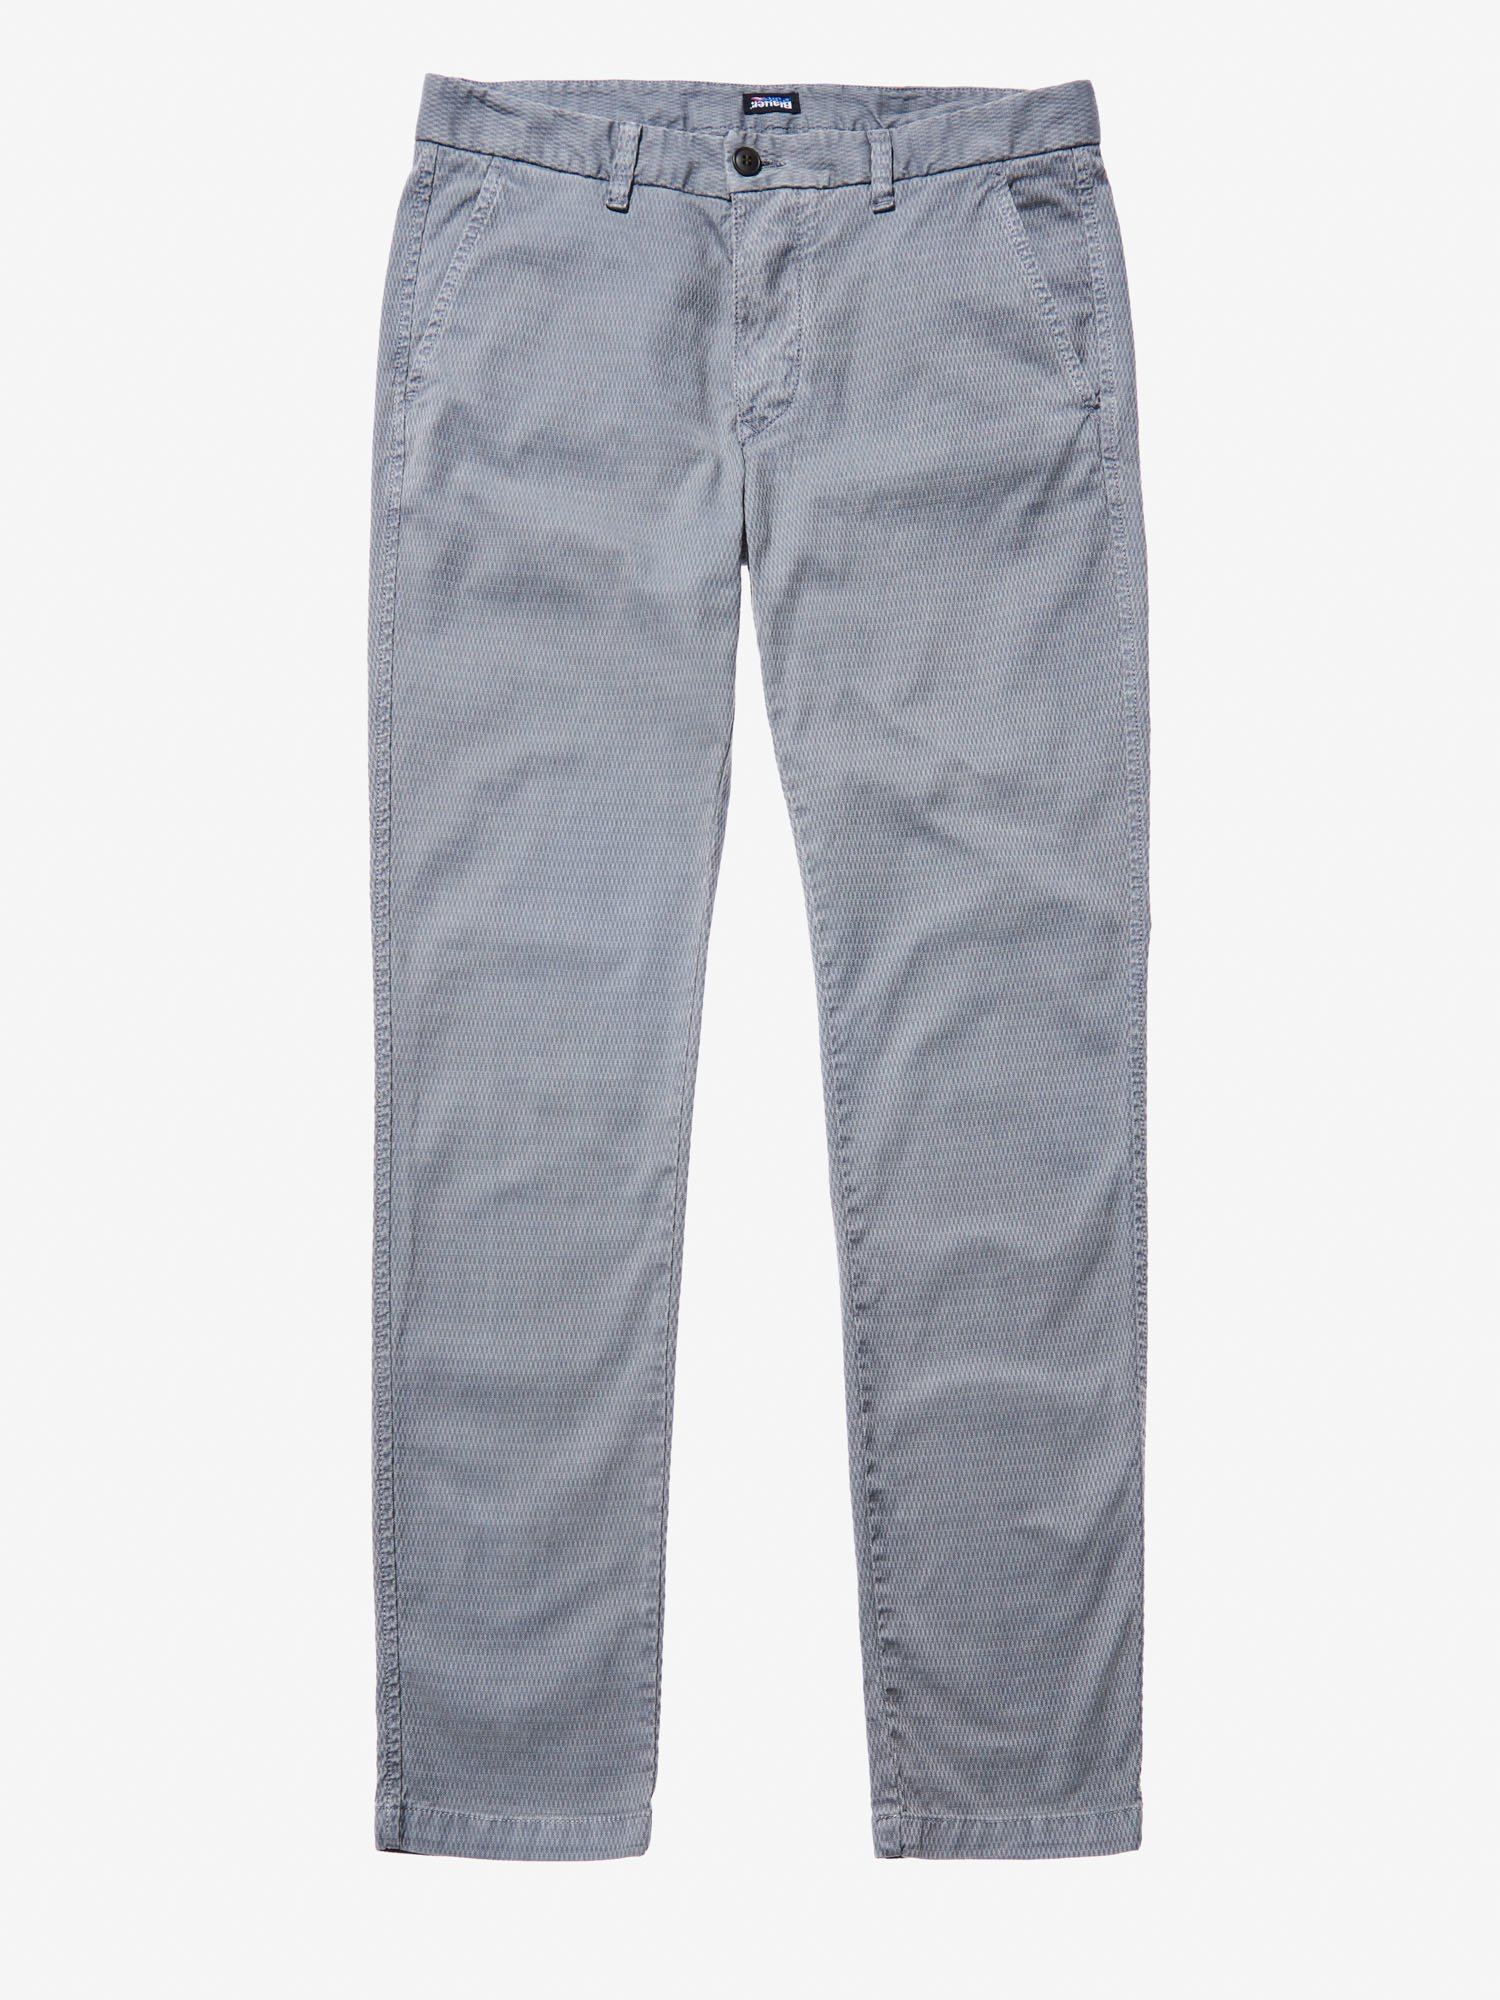 Blauer - JACQUARD CHINO PANTS - Dark Grey - Blauer